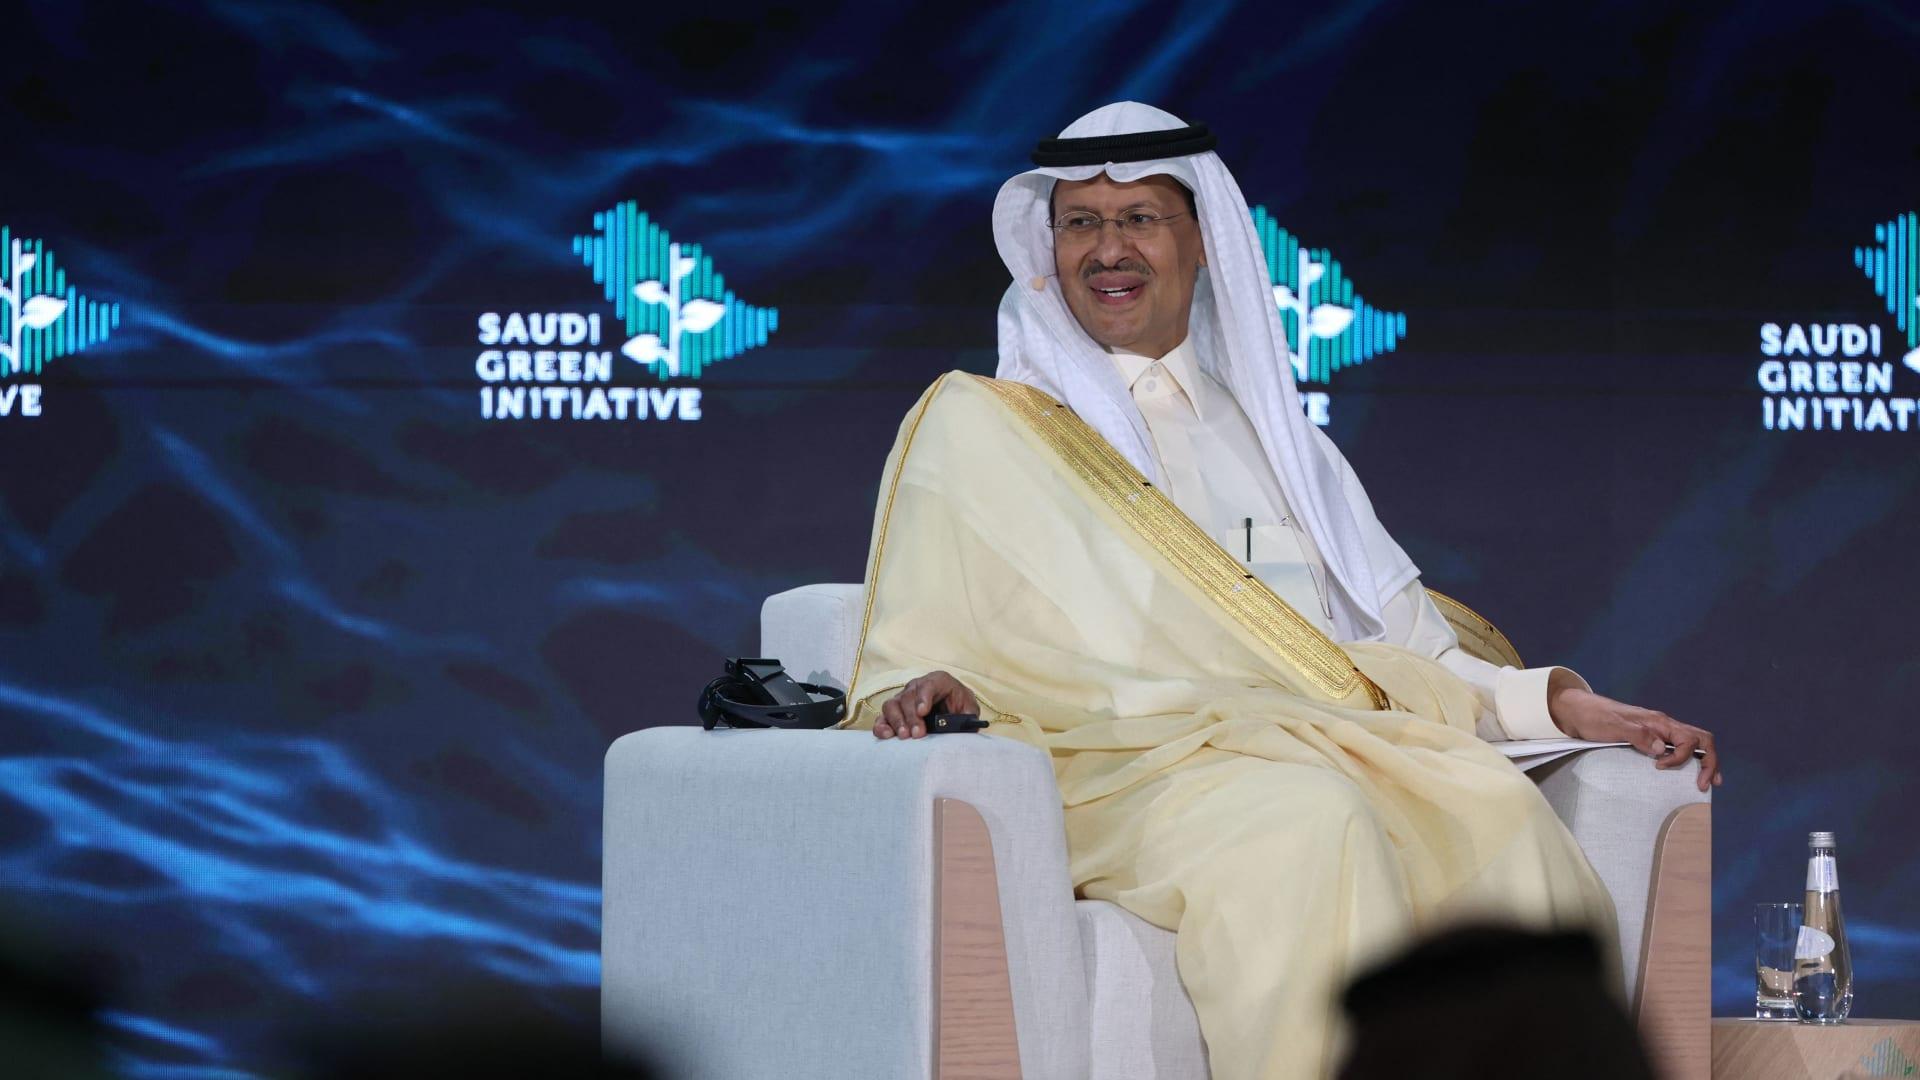 مع إعلان إنتاج الهيدروجين.. وزير الطاقة السعودي: السعودية لن تزول thumbnail